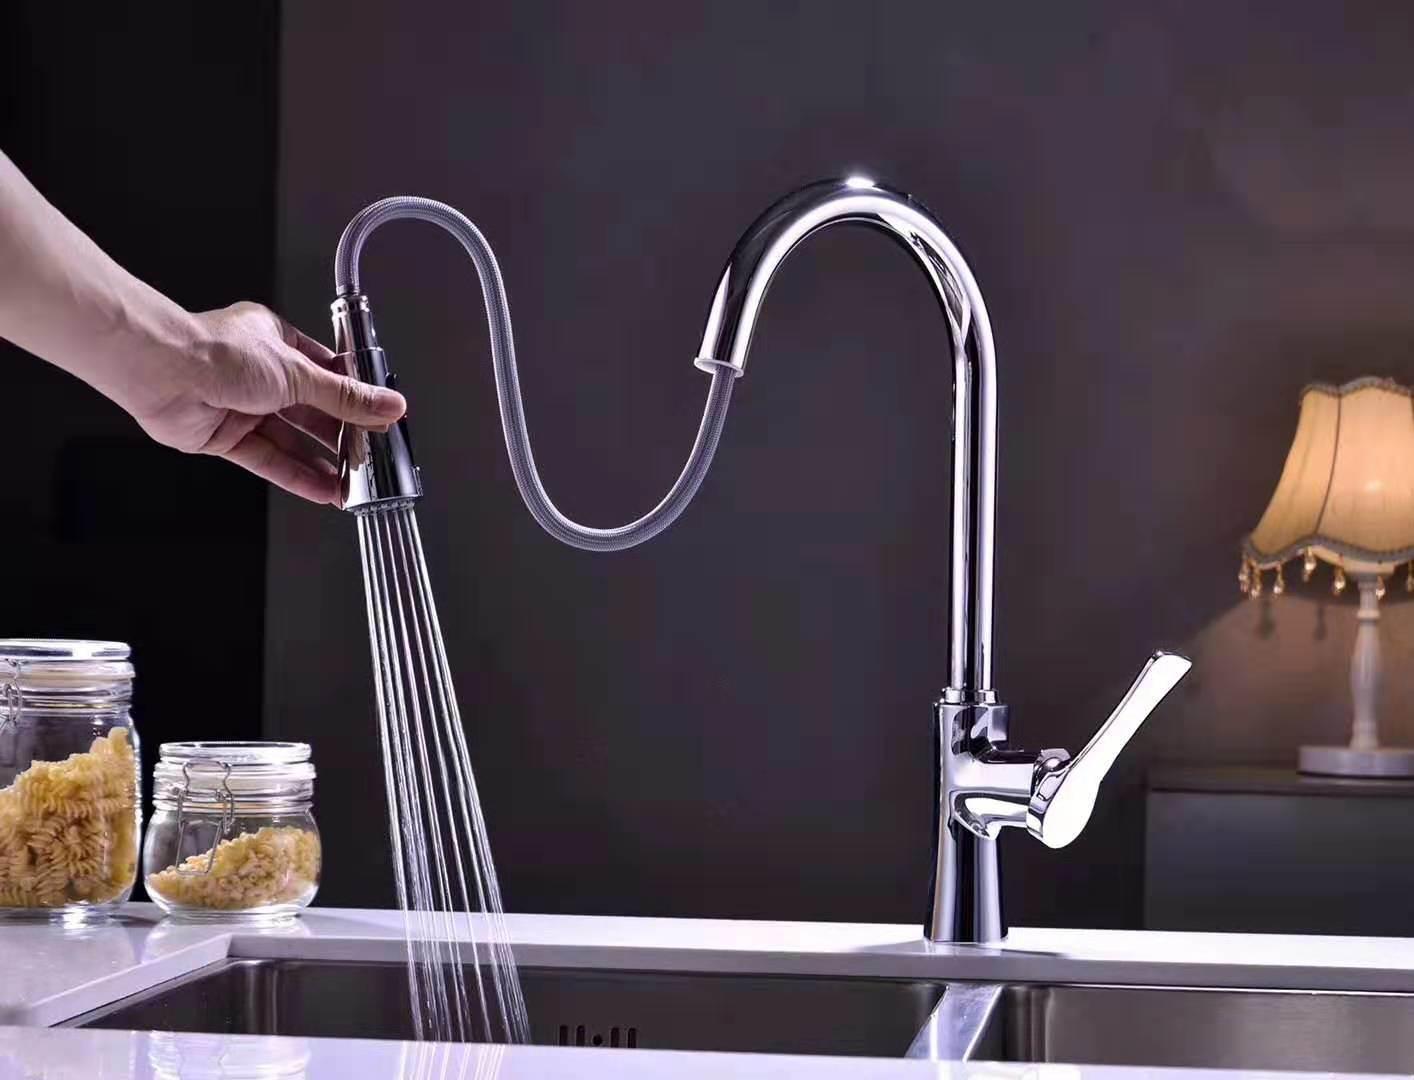 sprayer swivel spout faucets cl002